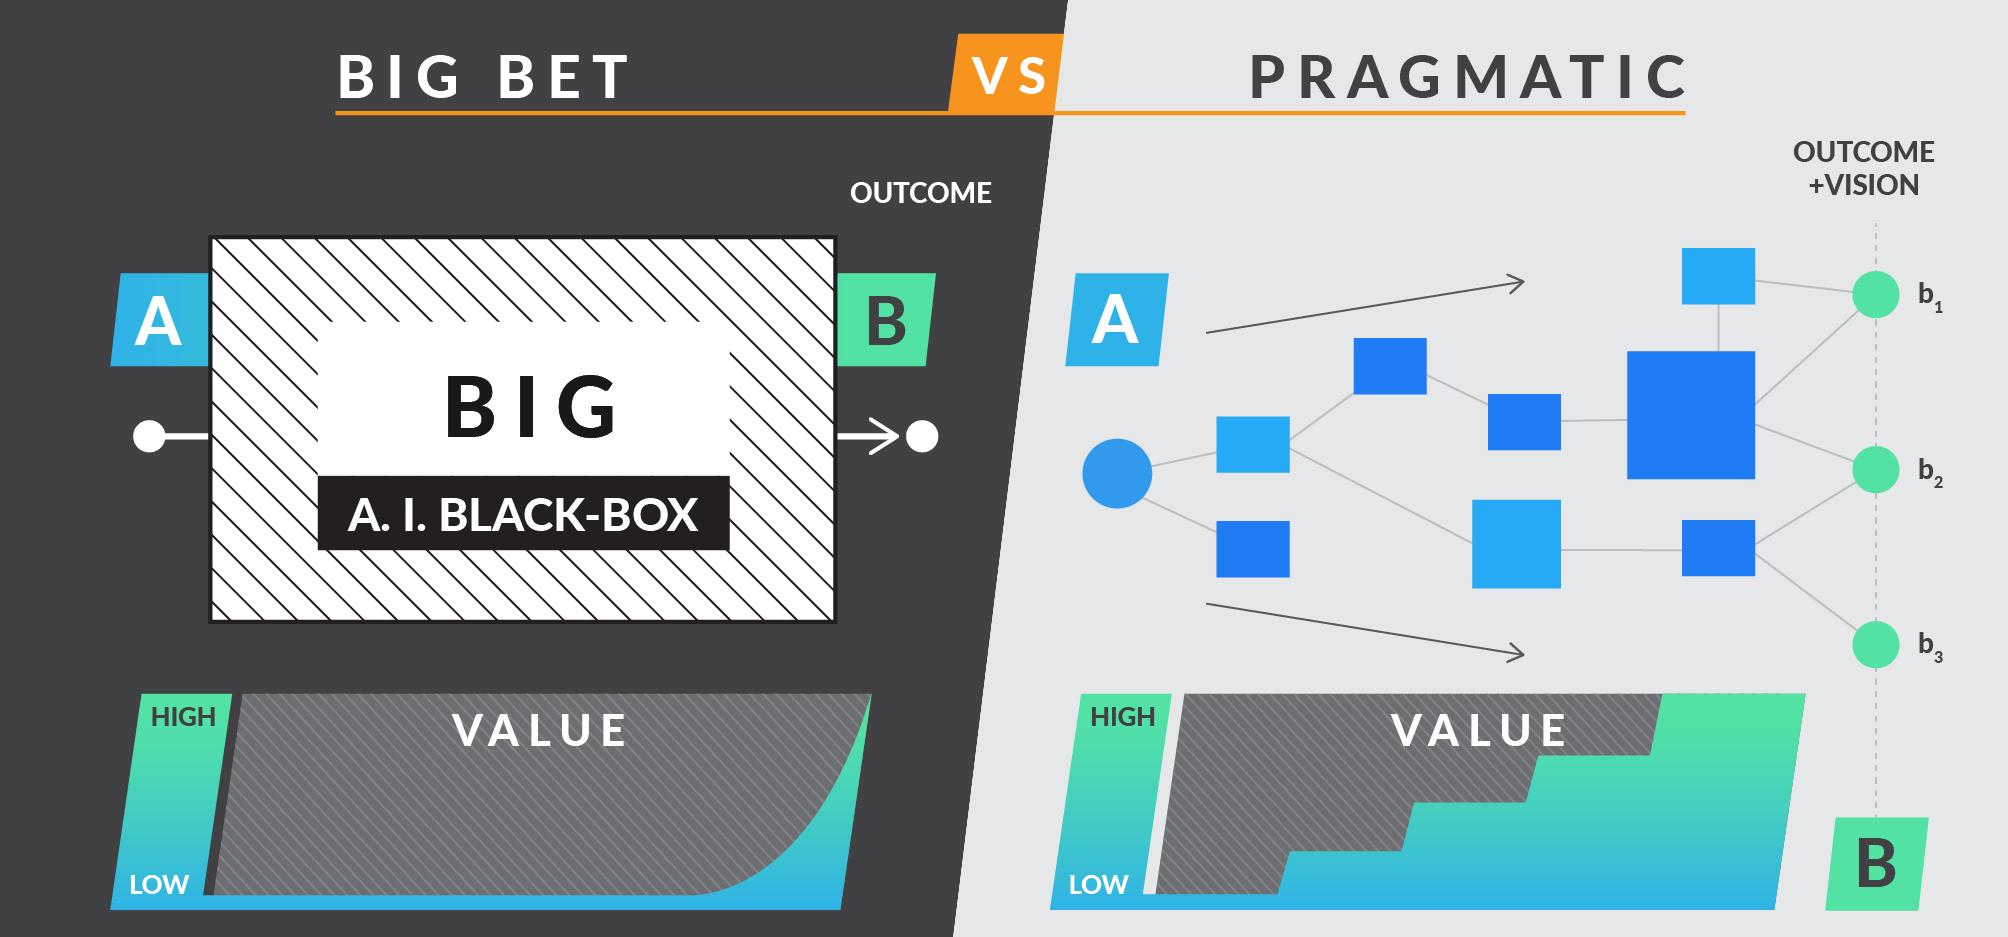 BigBet-vs-Pragmatic-1.png